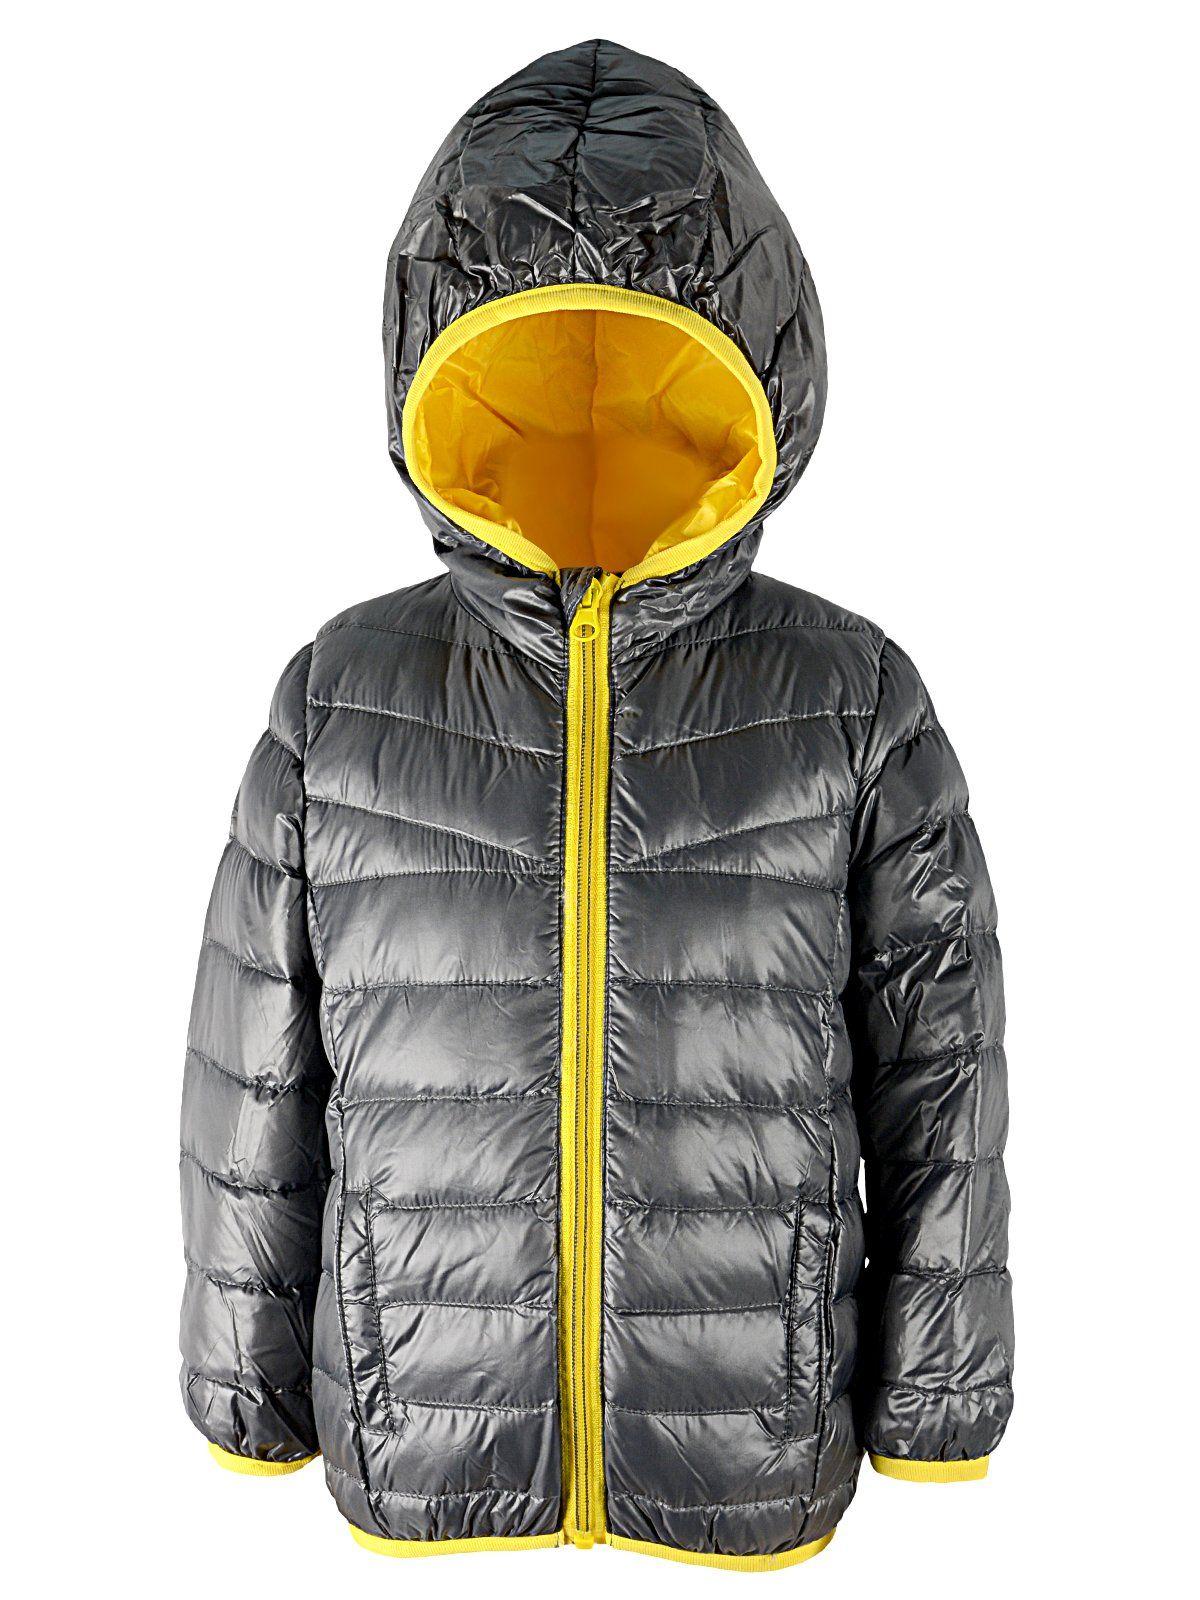 Century Star Kids Windproof Puffer Hoodie Down Jacket Boys Winter Warm Packable Outwear Coat Silver Black Yellow 6 6x Shell 100 N Puffer Jackets Warm Down [ 1600 x 1200 Pixel ]